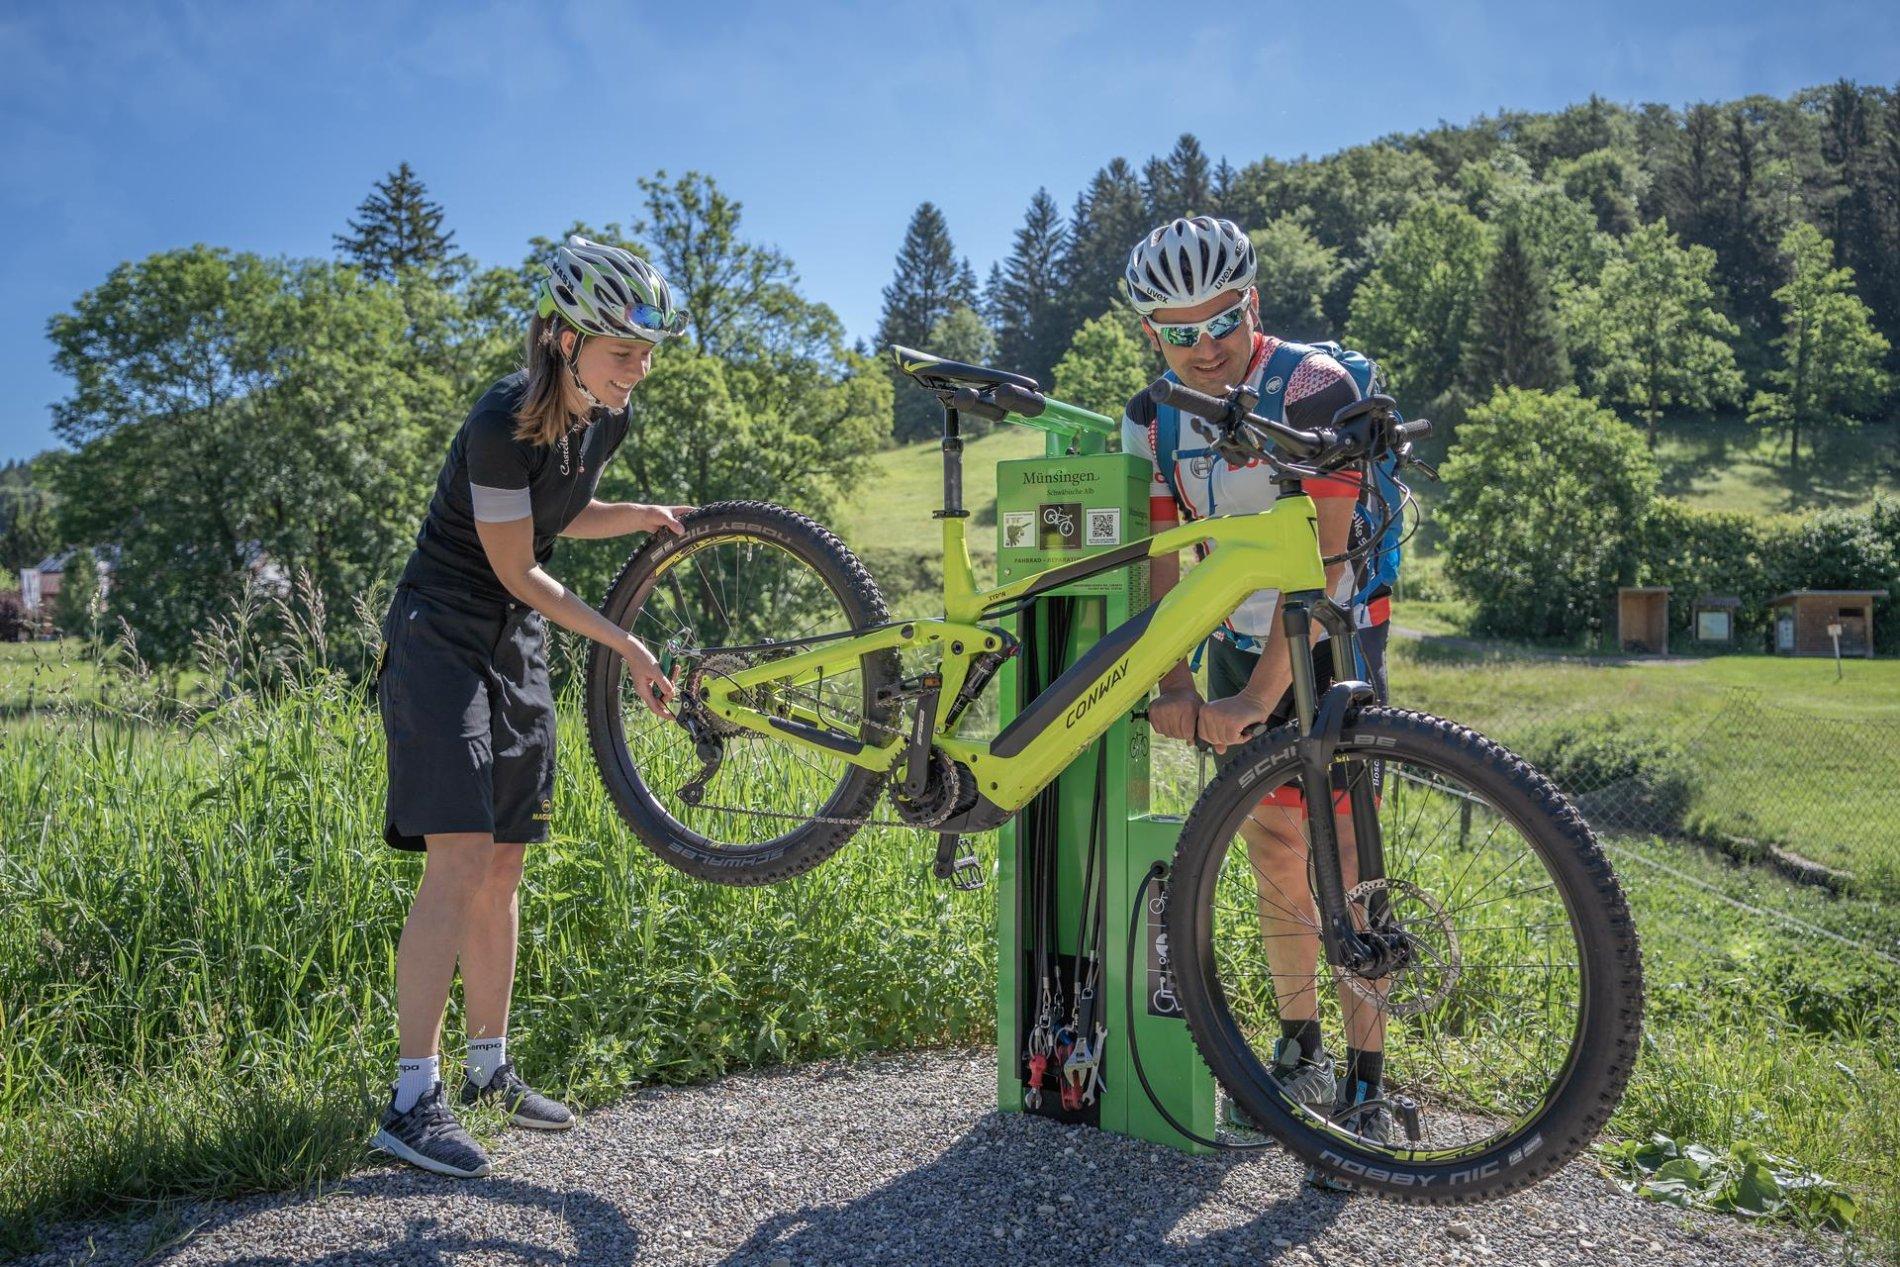 Zwei Radfahrer*innen stehen an einer Fahrradreparaturstation und hantieren an einem E-Bike, das auf dem Bikeständer hängt. Eine*r repariert die Schaltung, eine*r pumot die Reifen auf. Es ist sonnig und warm.